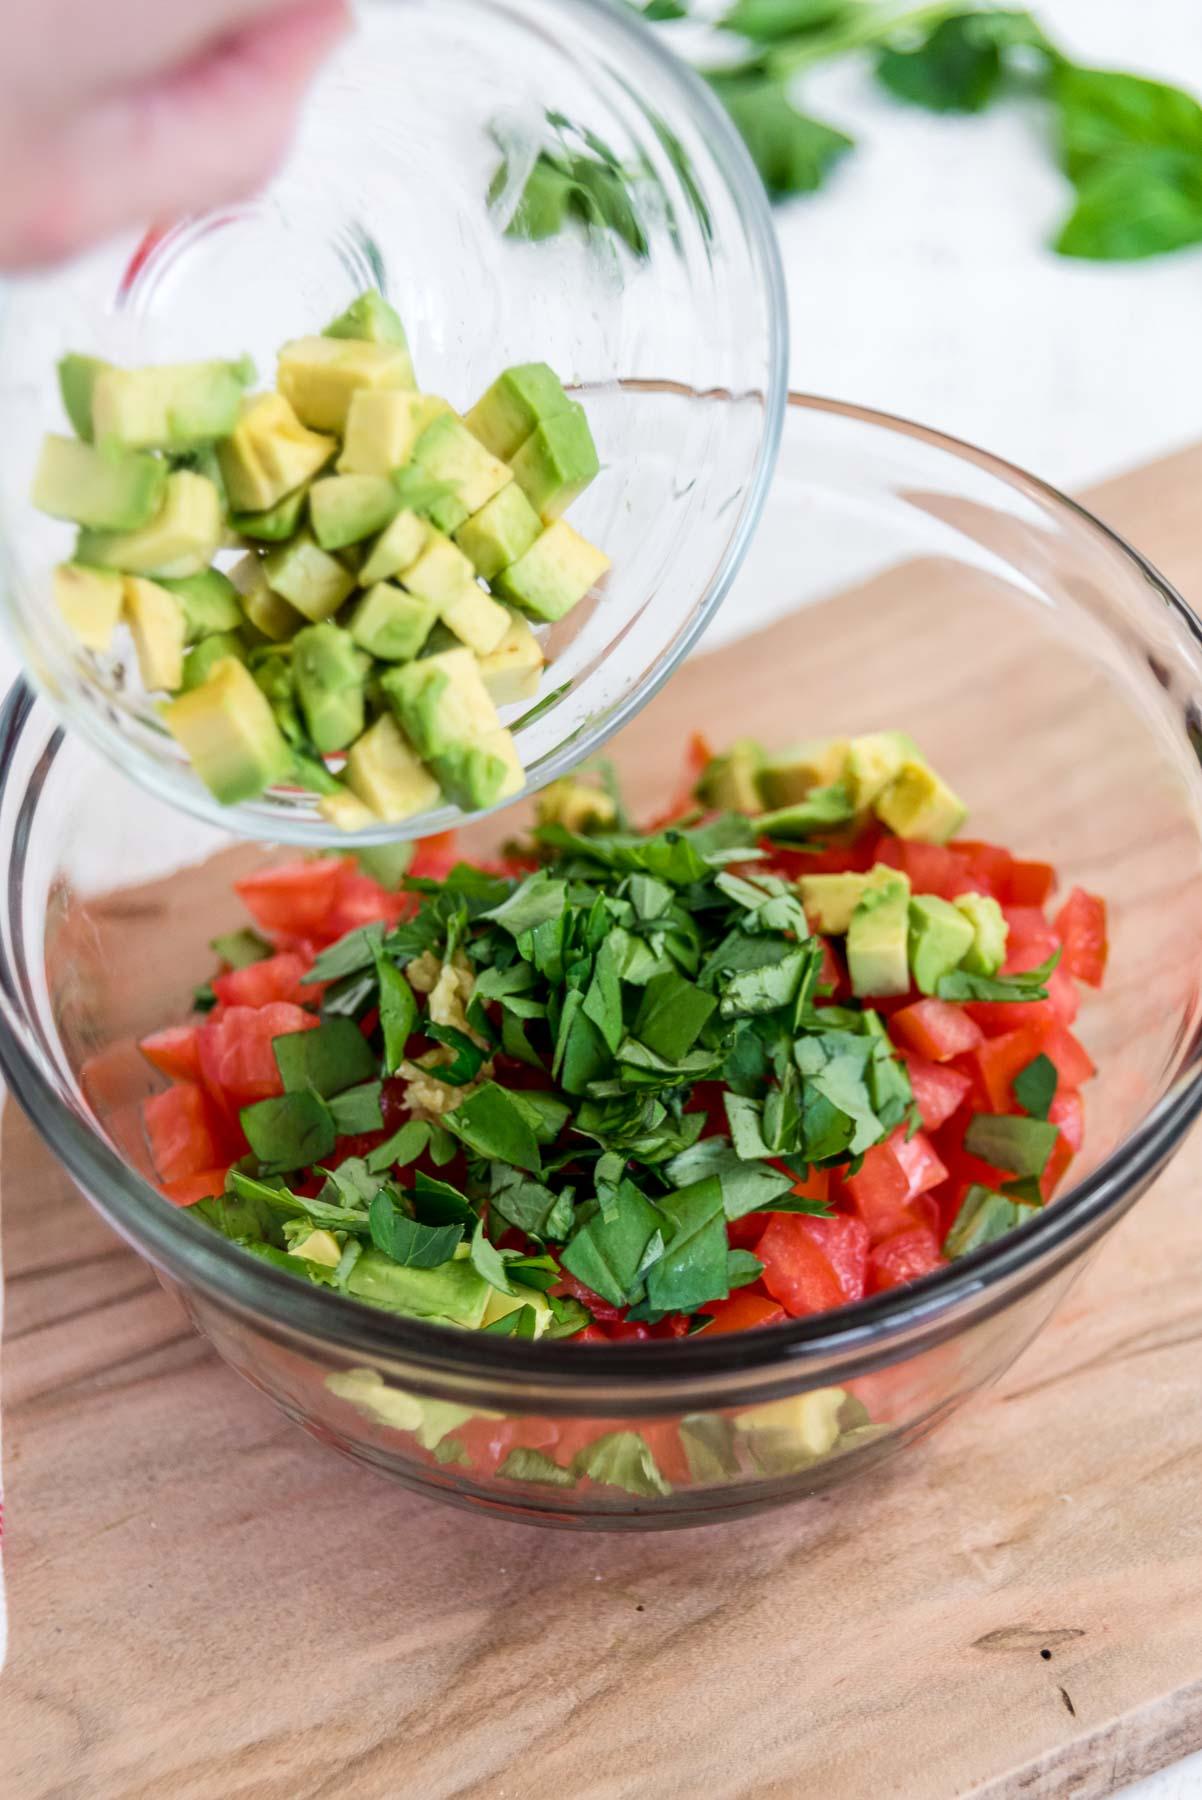 Adding diced avocado to tomato bruschetta in a bowl.